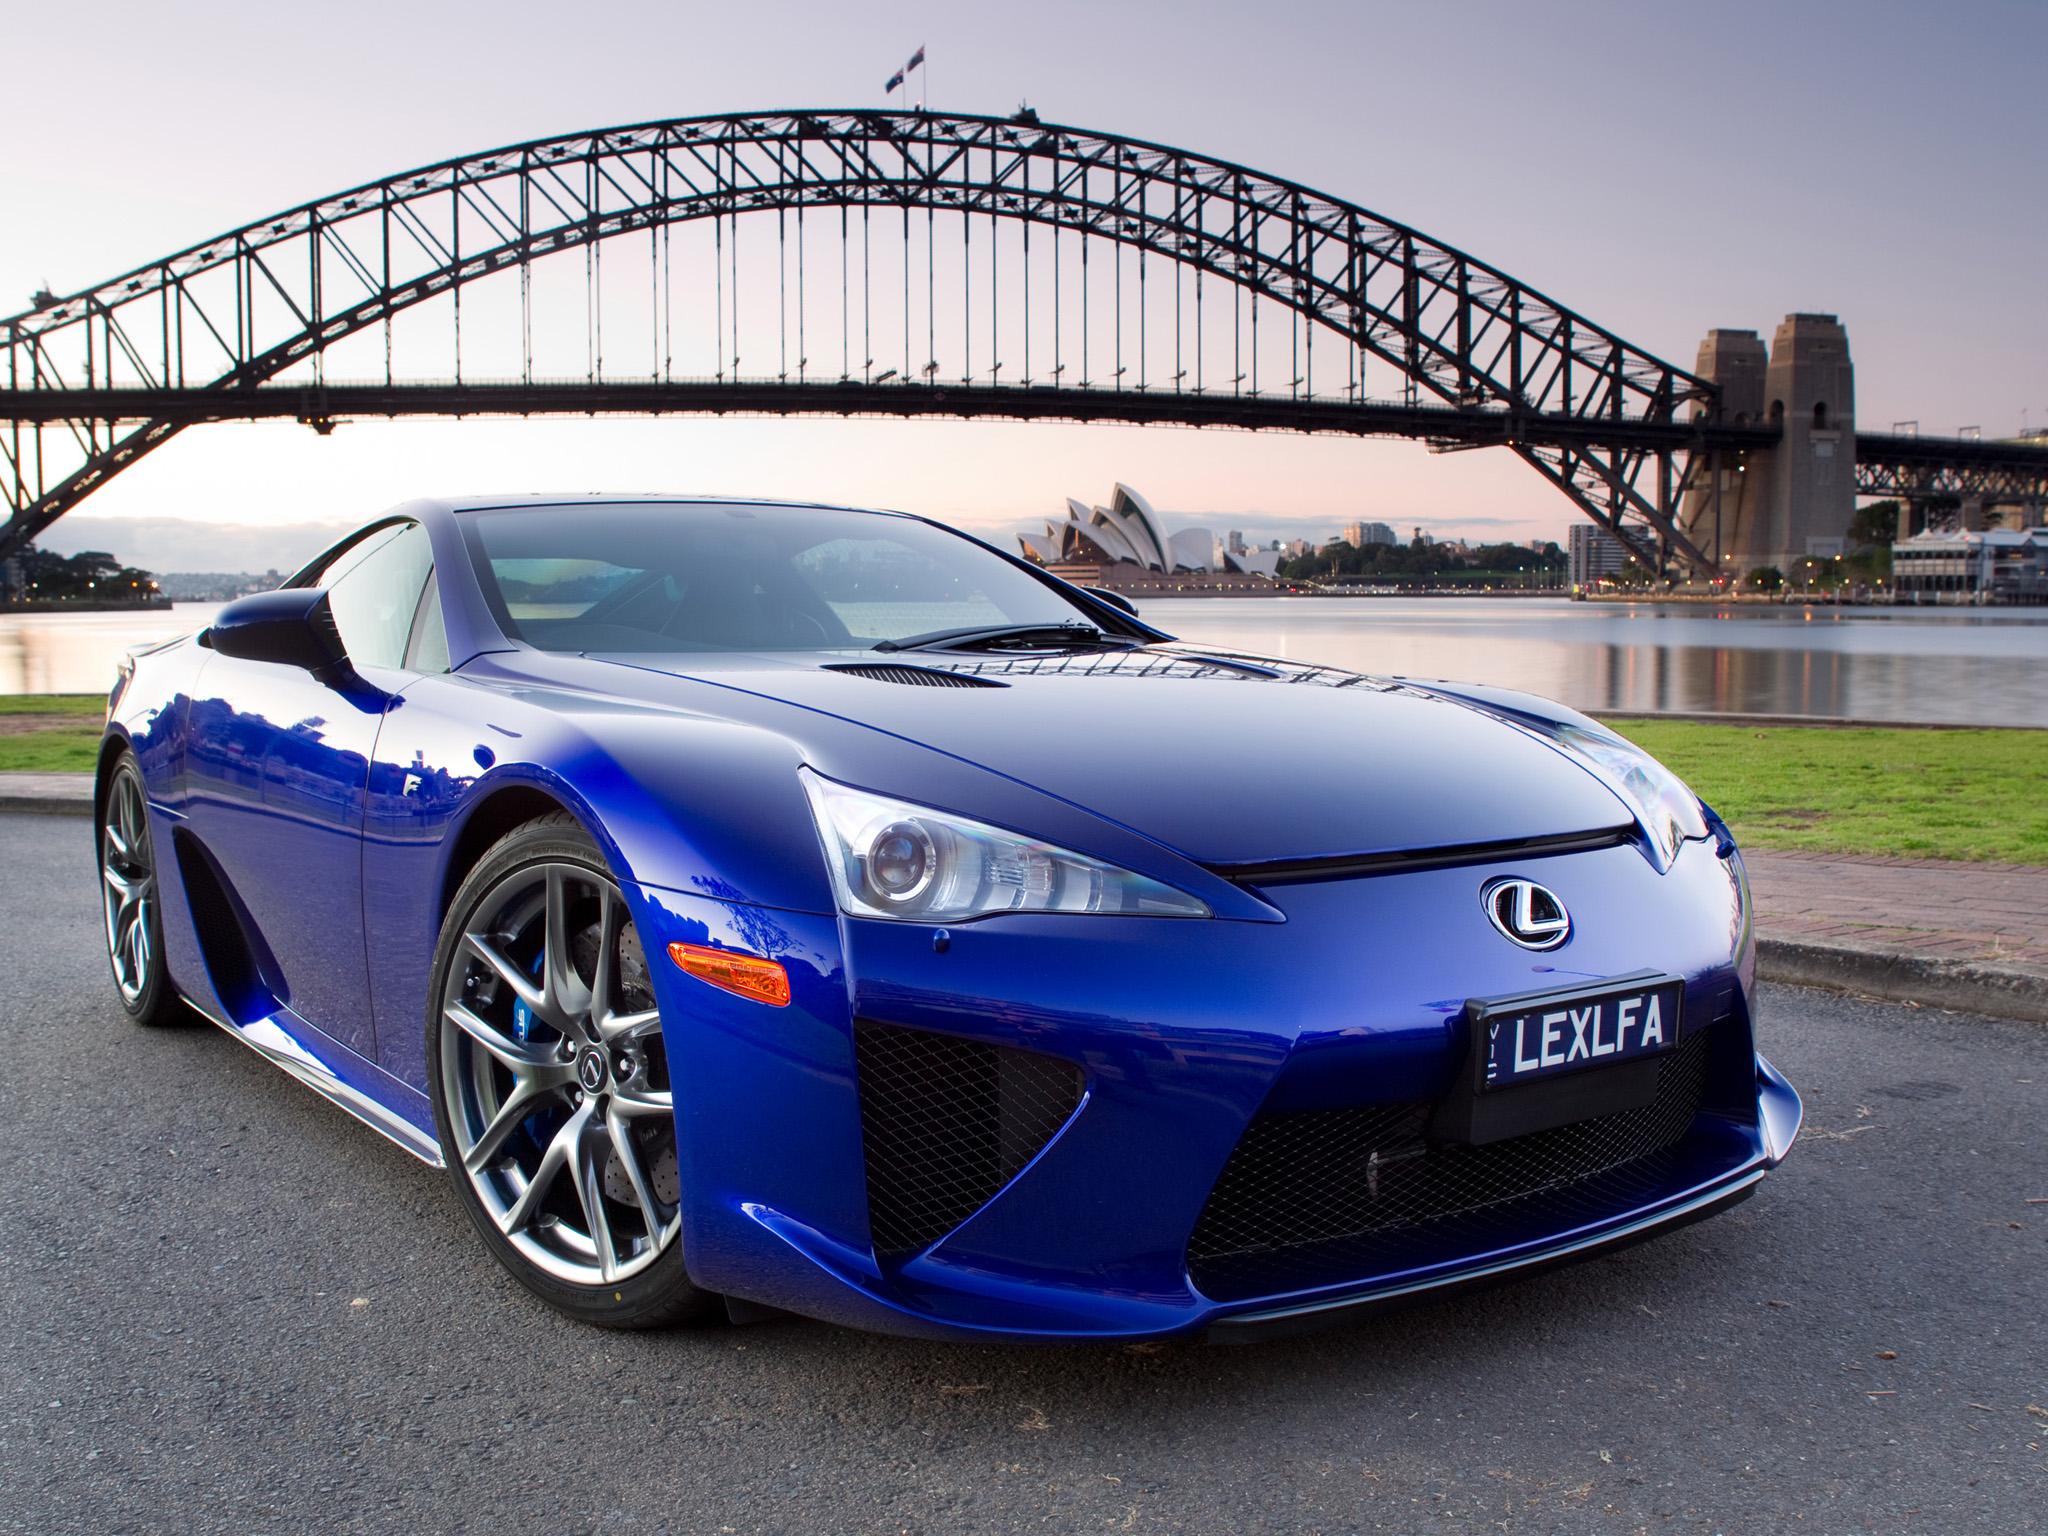 Blue Lexus Wallpaper